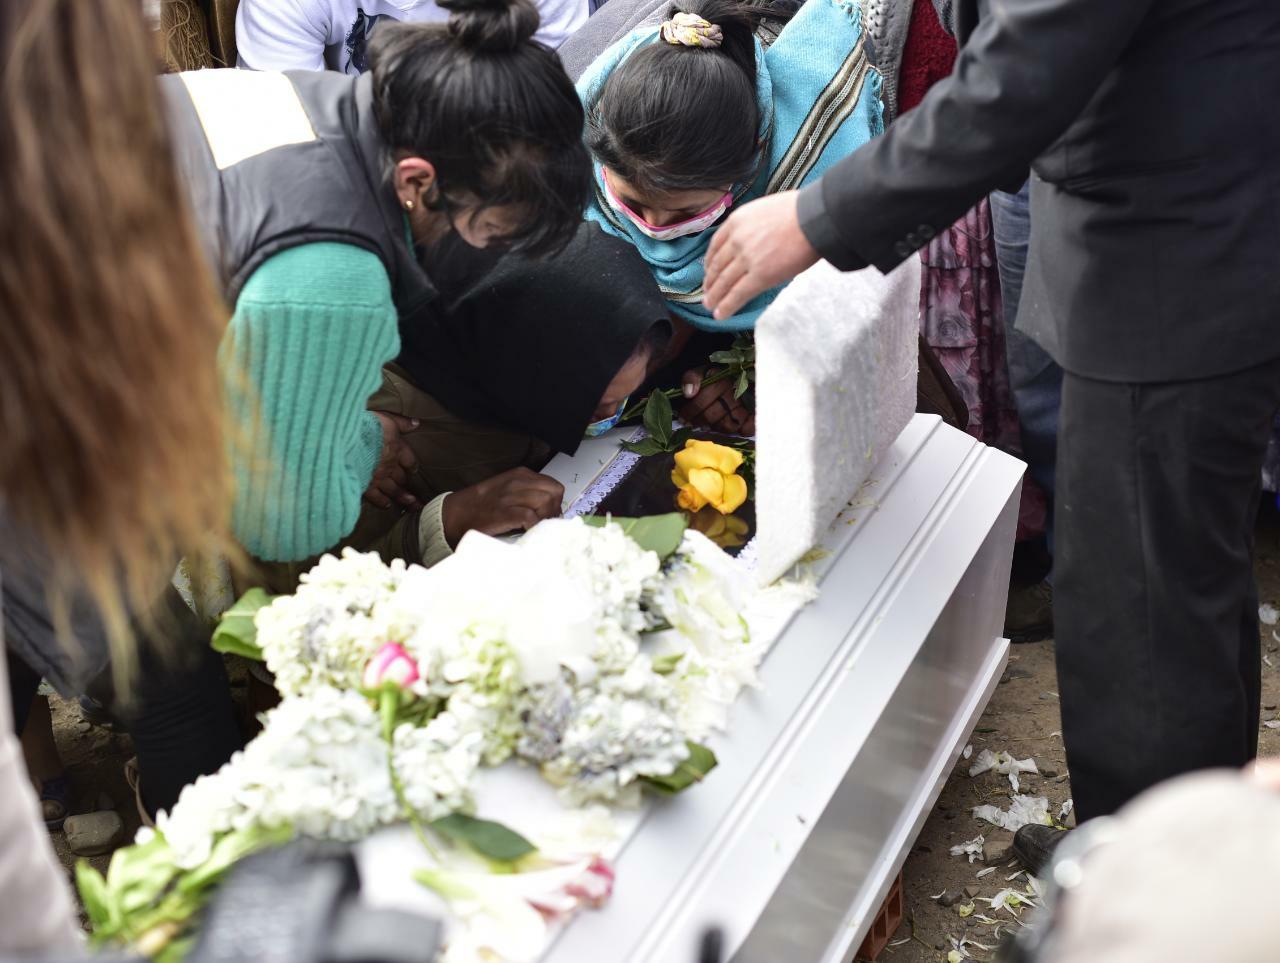 Ministerio de Justicia prevé 30 años de cárcel contra sujeto que mató a una menor de 9 años